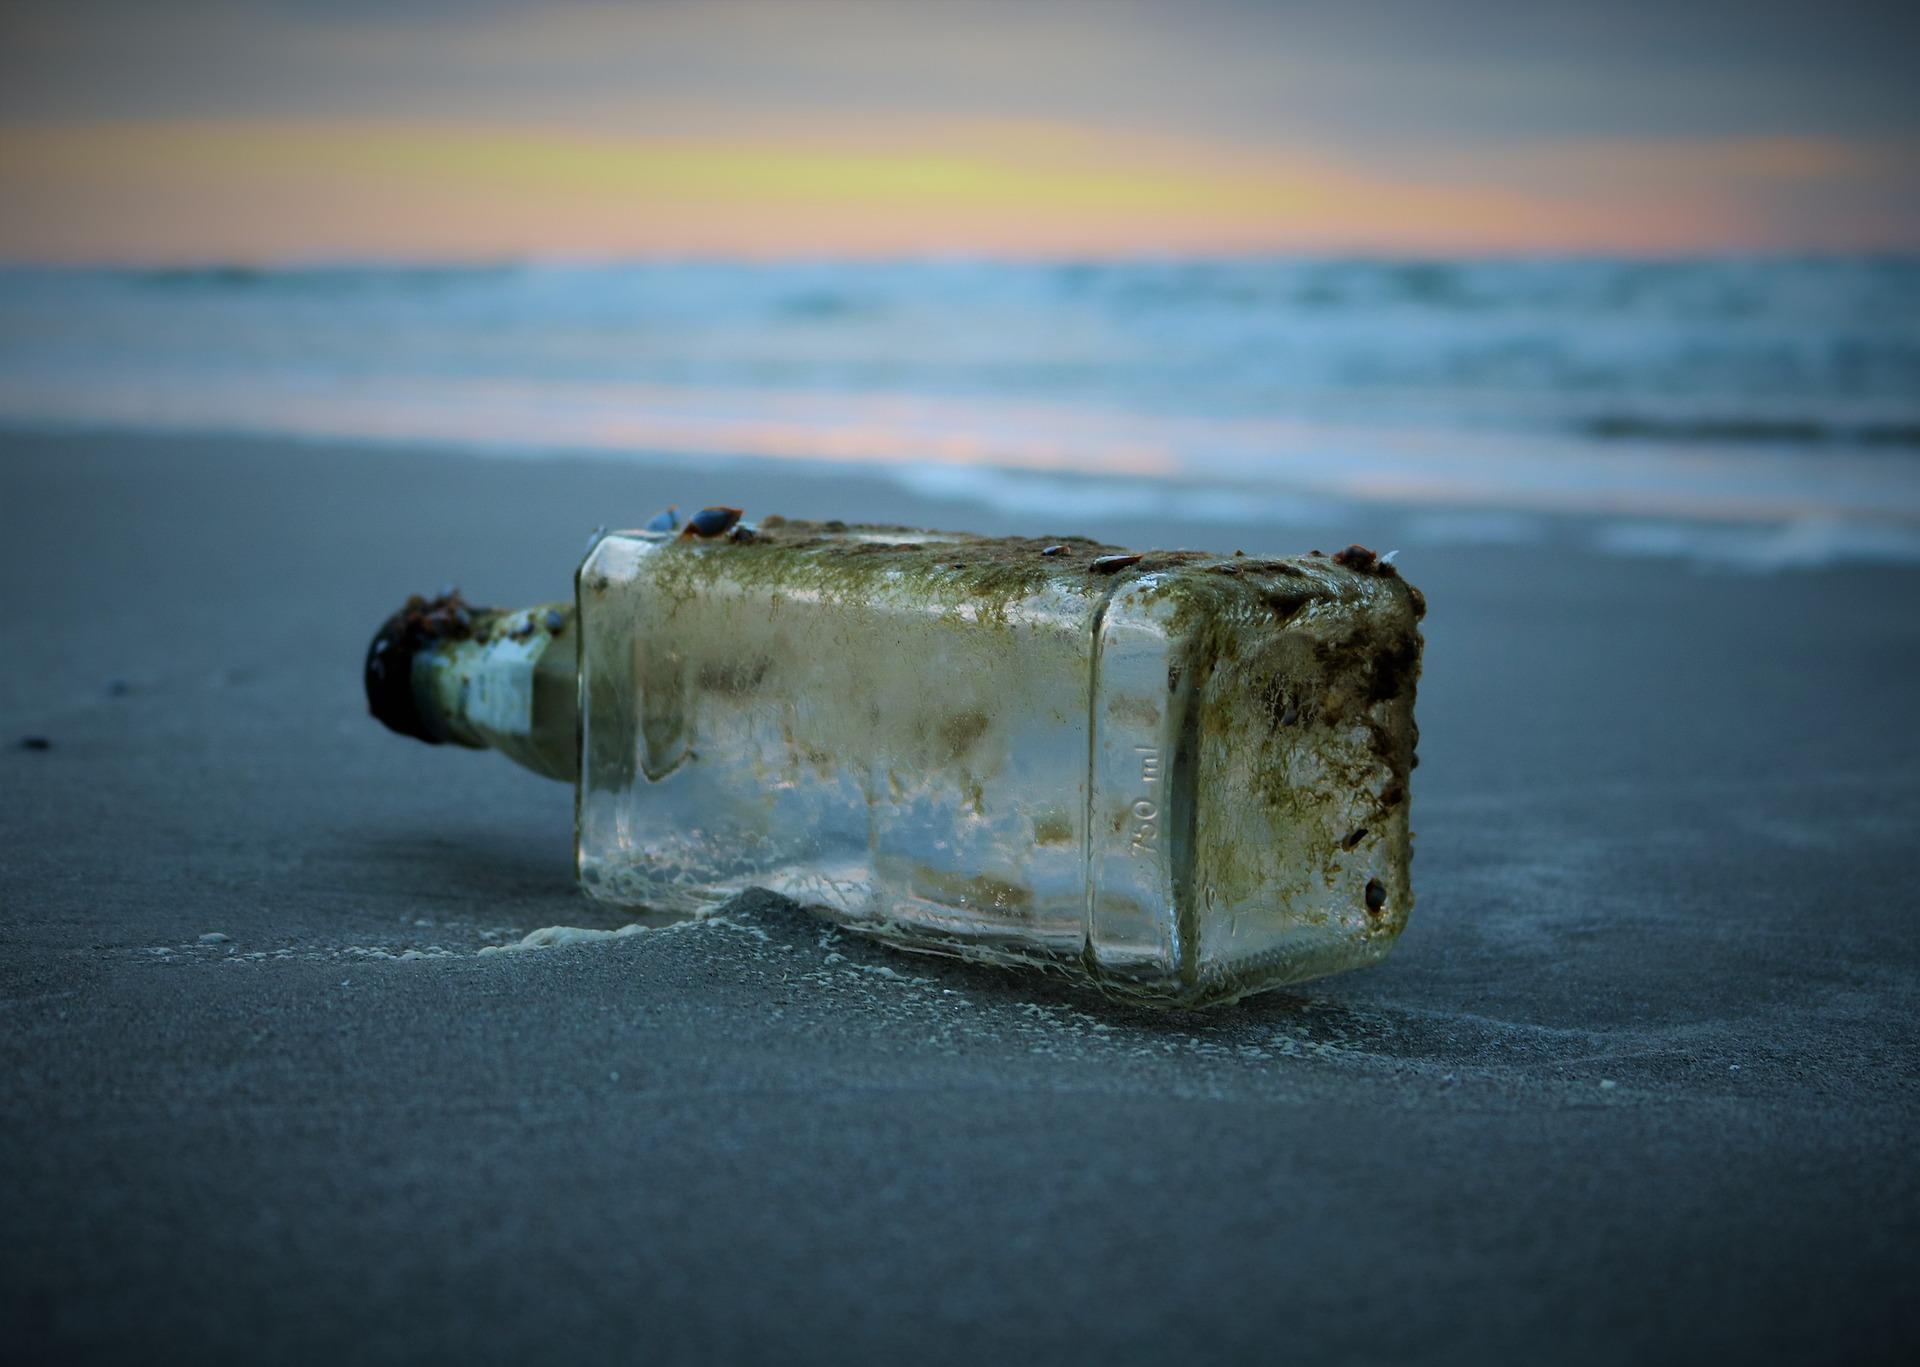 Obrázek: Korýši rozkládají mikroplasty, světovým oceánům však nepomohou